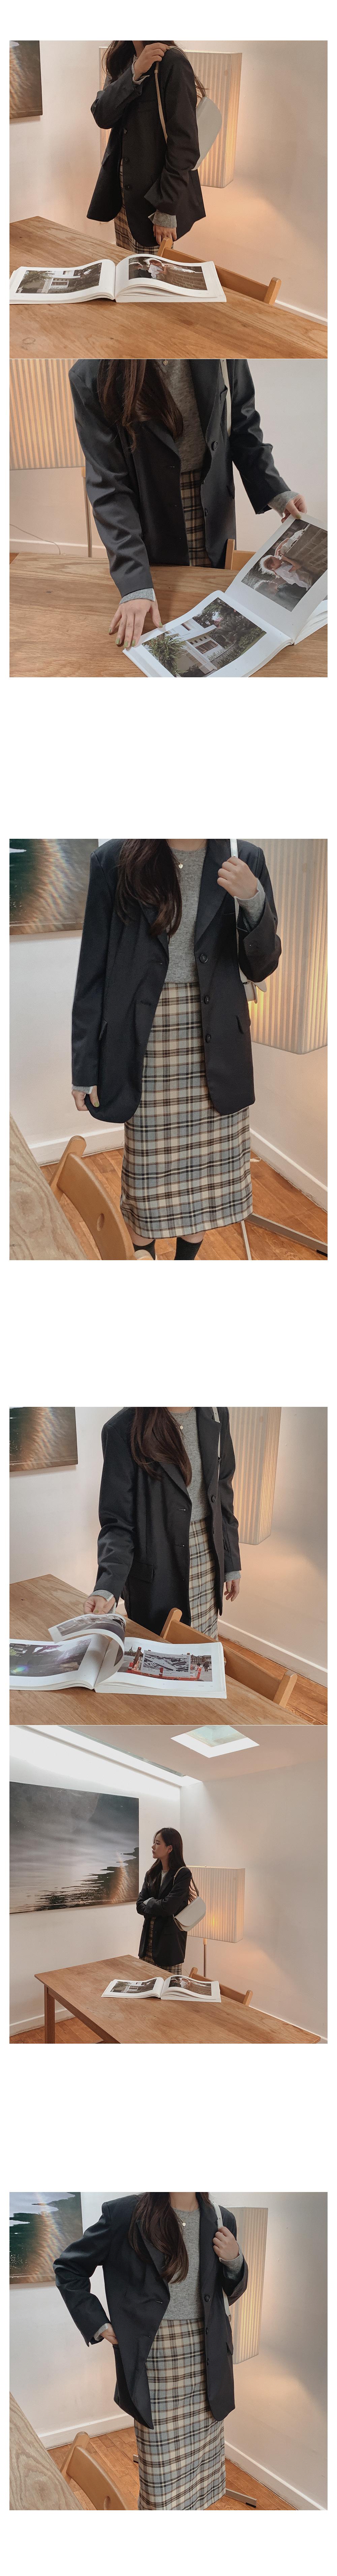 Shizumi single jacket